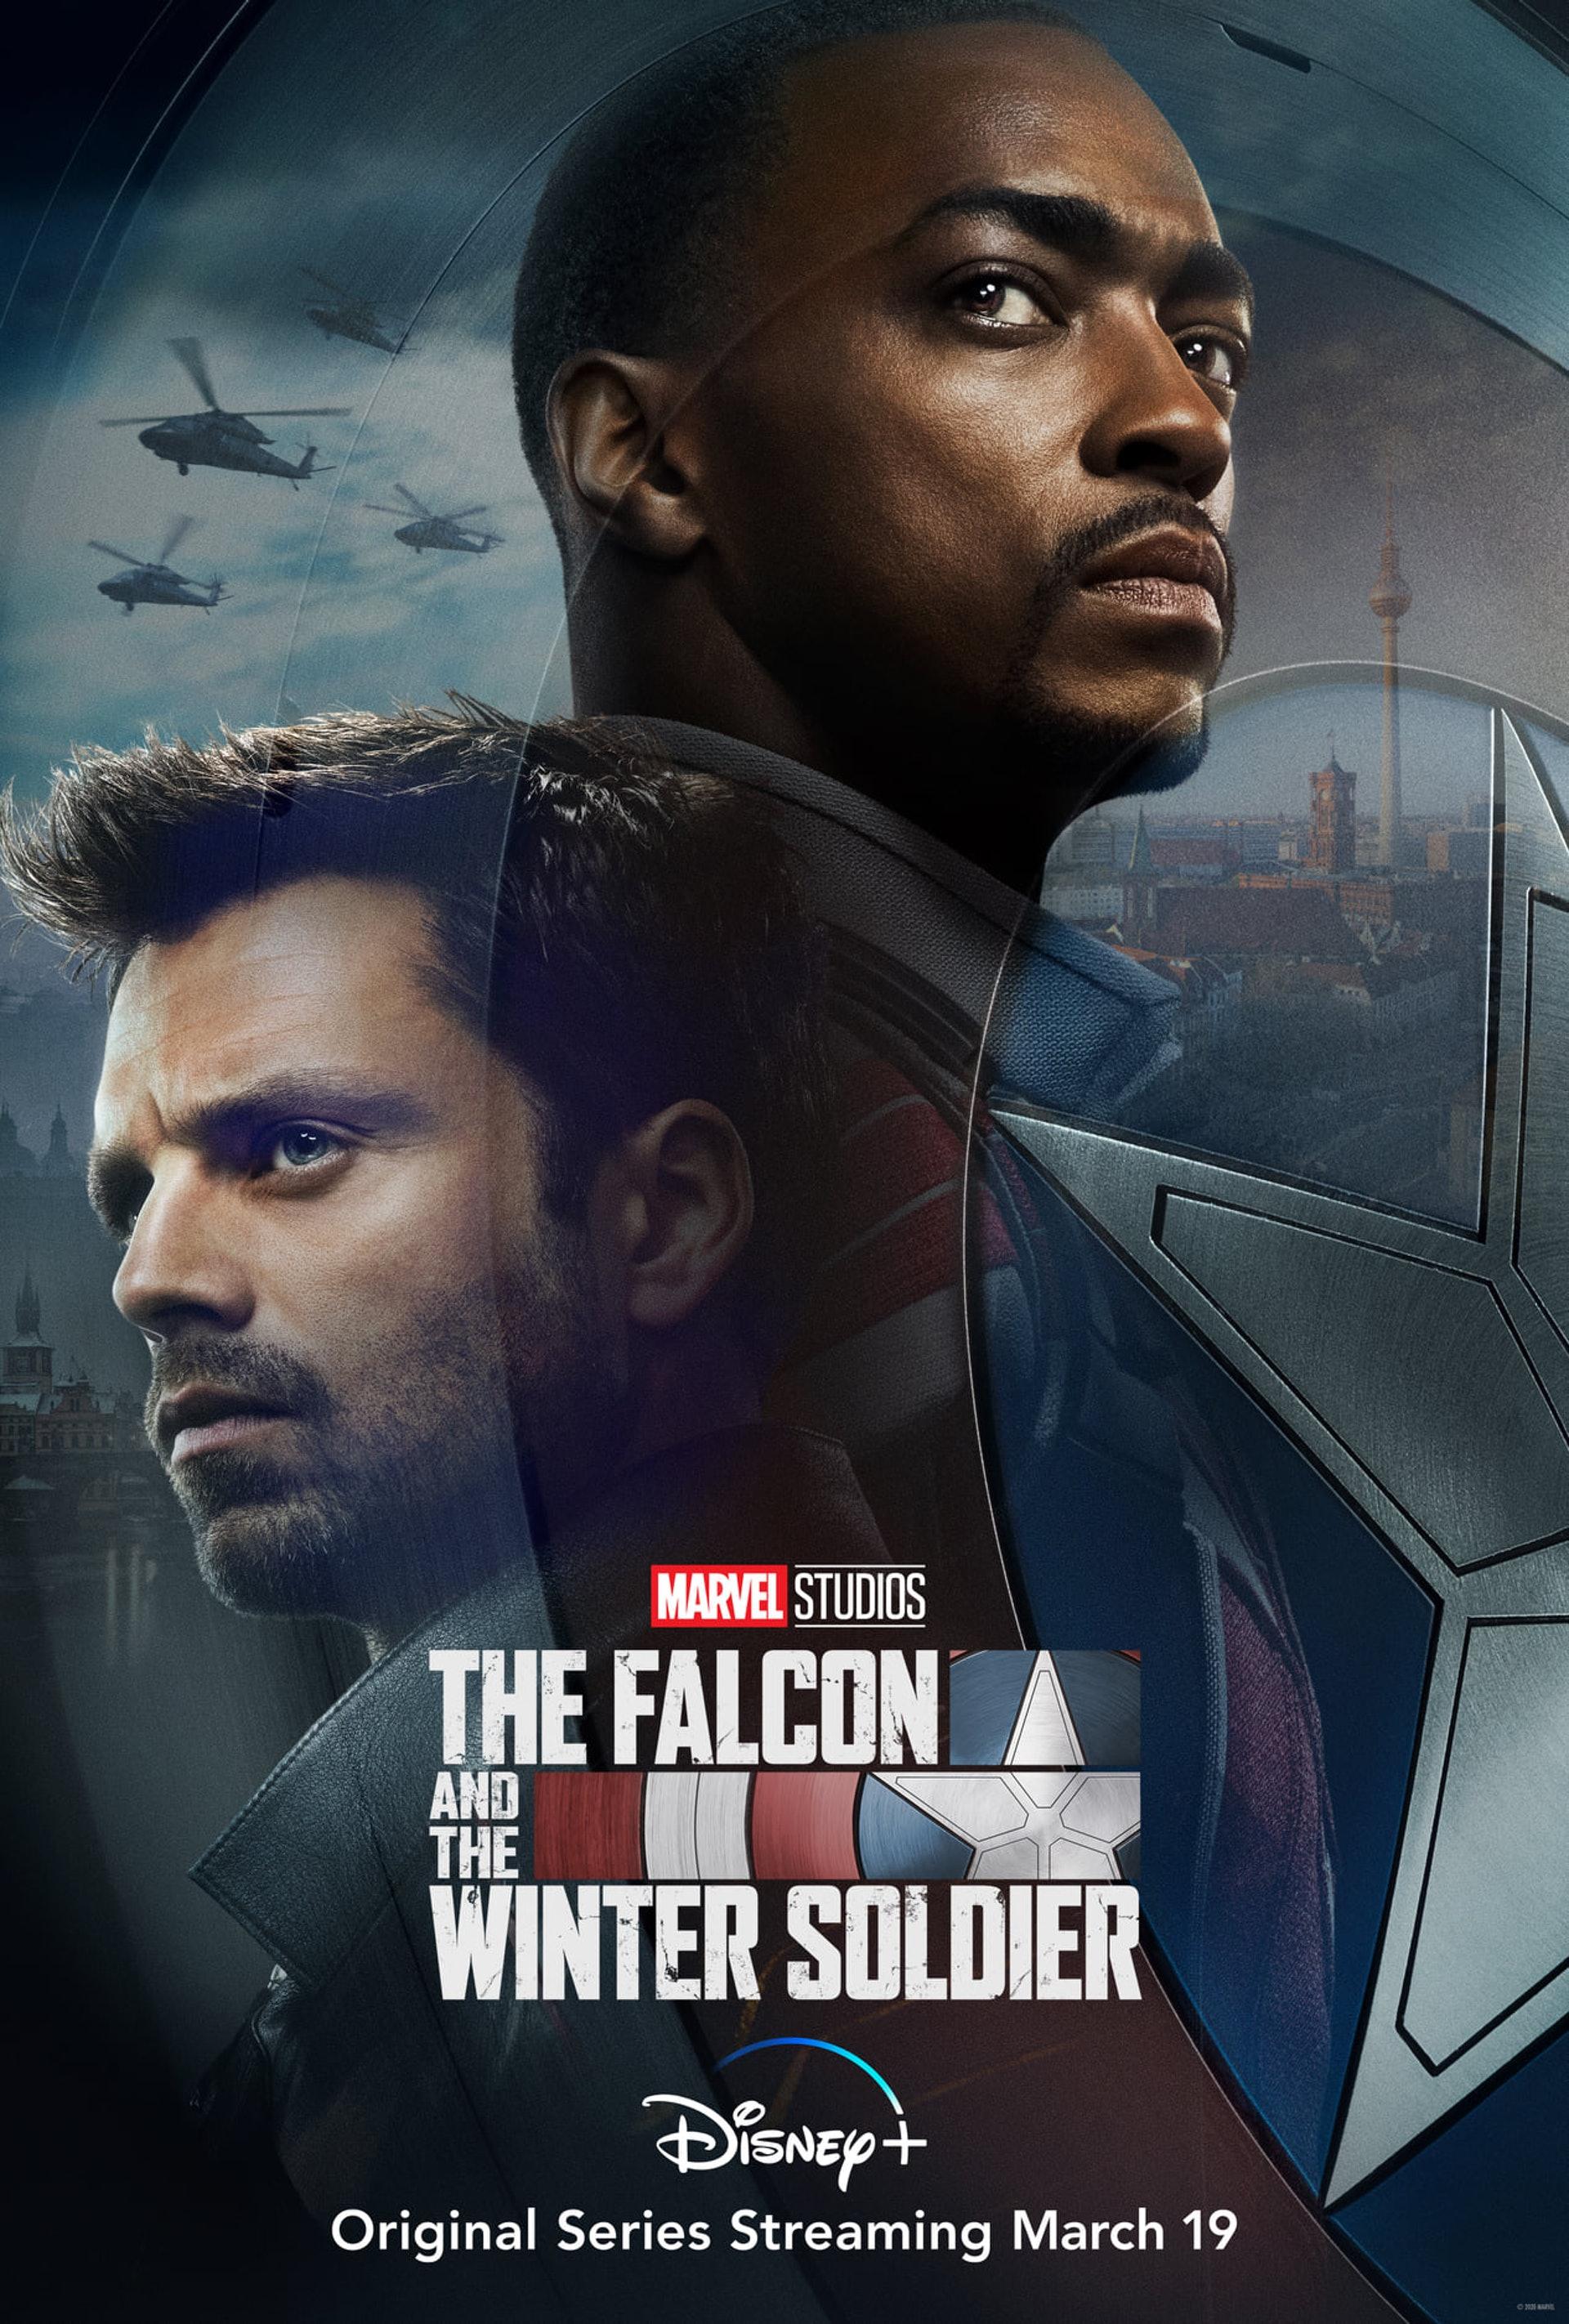 今日再公開首預告《The Falcon and The Winter Soldier》,落實出年3月19日Disney+上架。(IG@Marvel Studios)